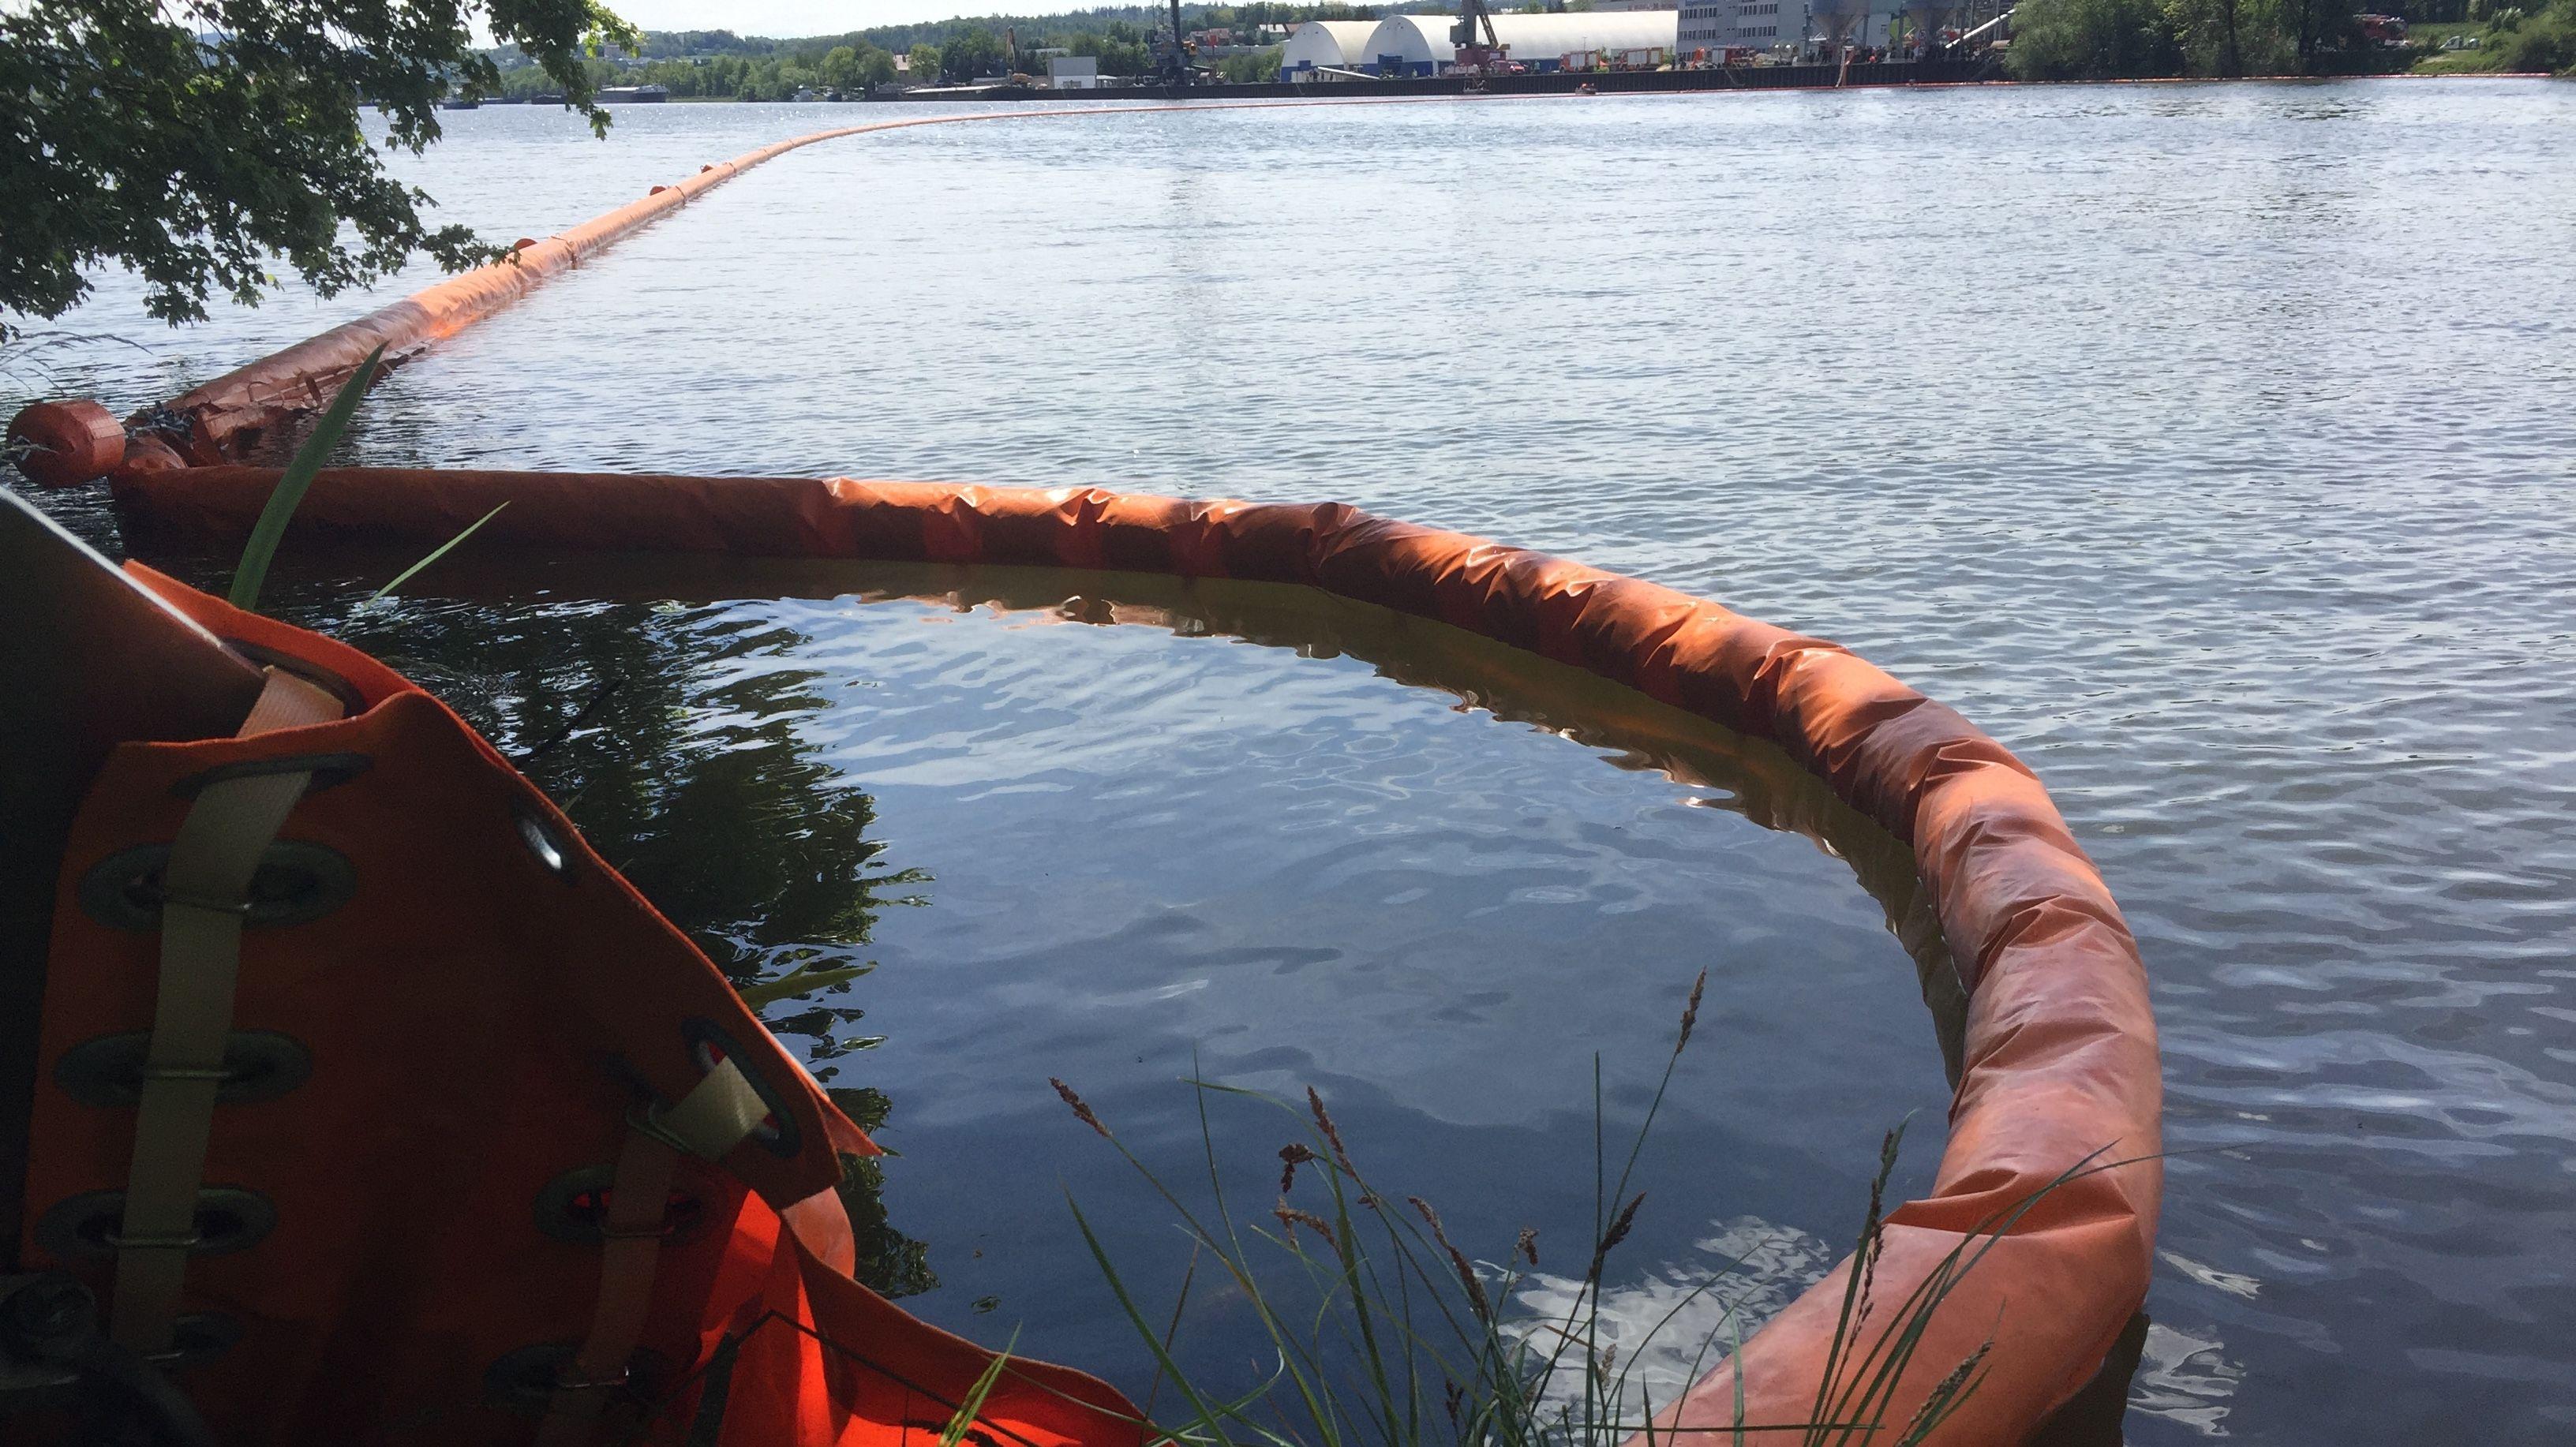 Ölsperre auf der Donau in Passau